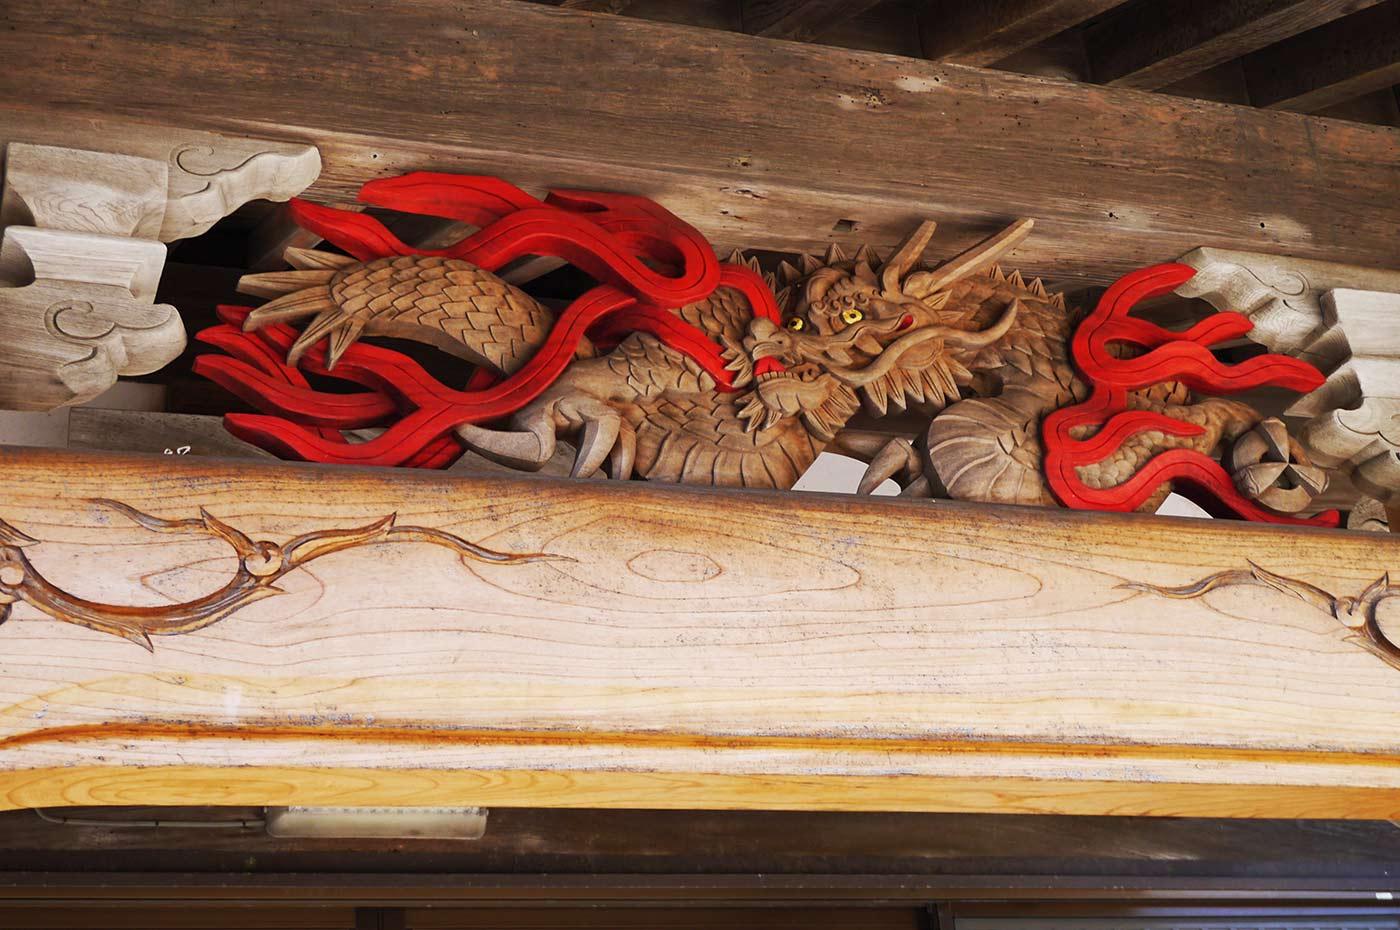 蓮寿院の龍の彫り物